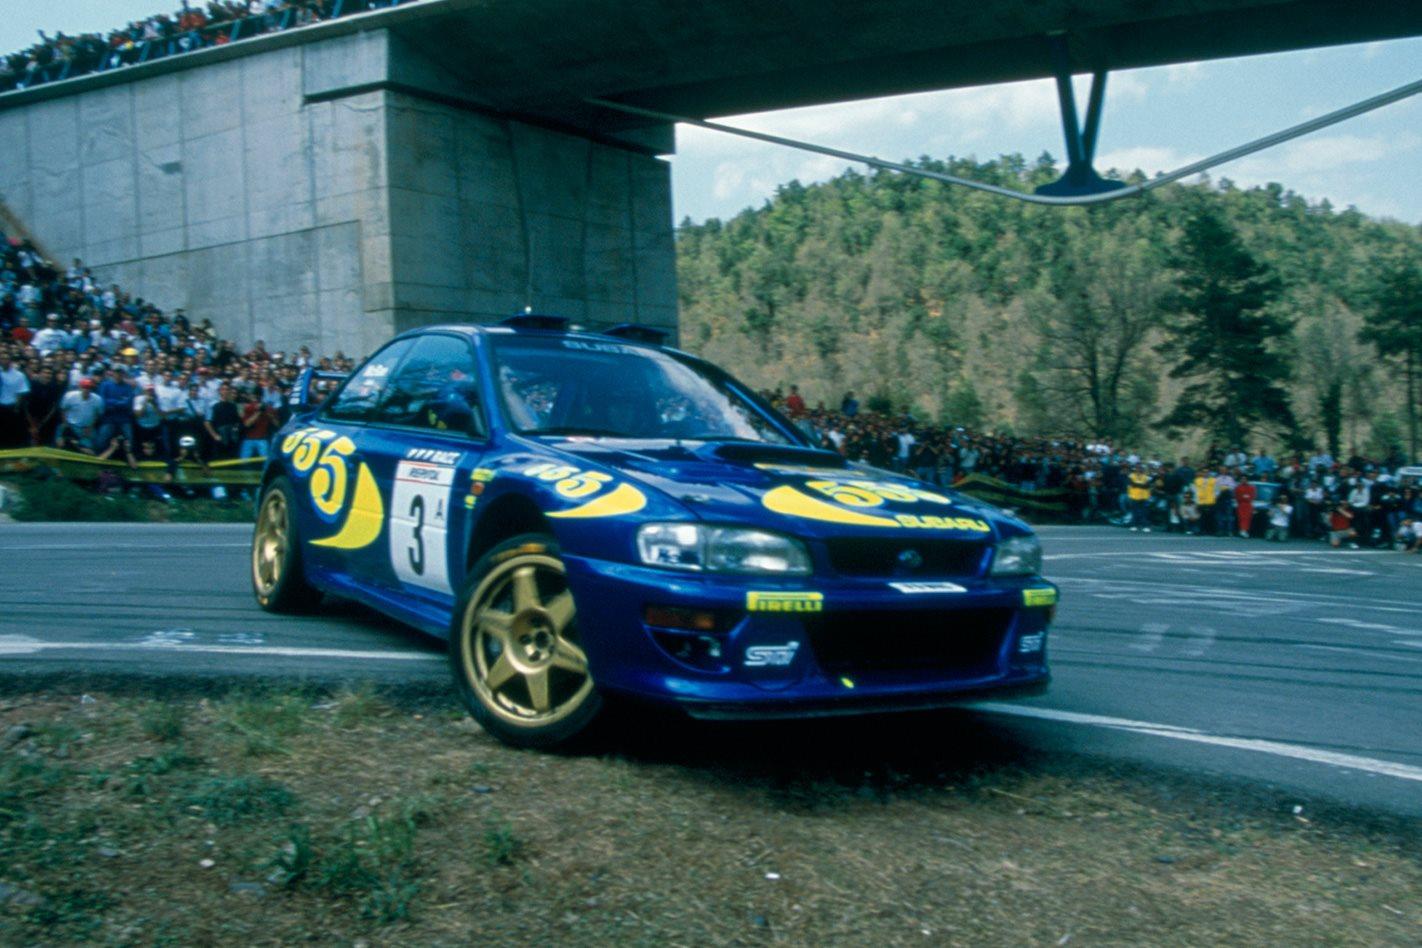 Subaru Impreza WRC front